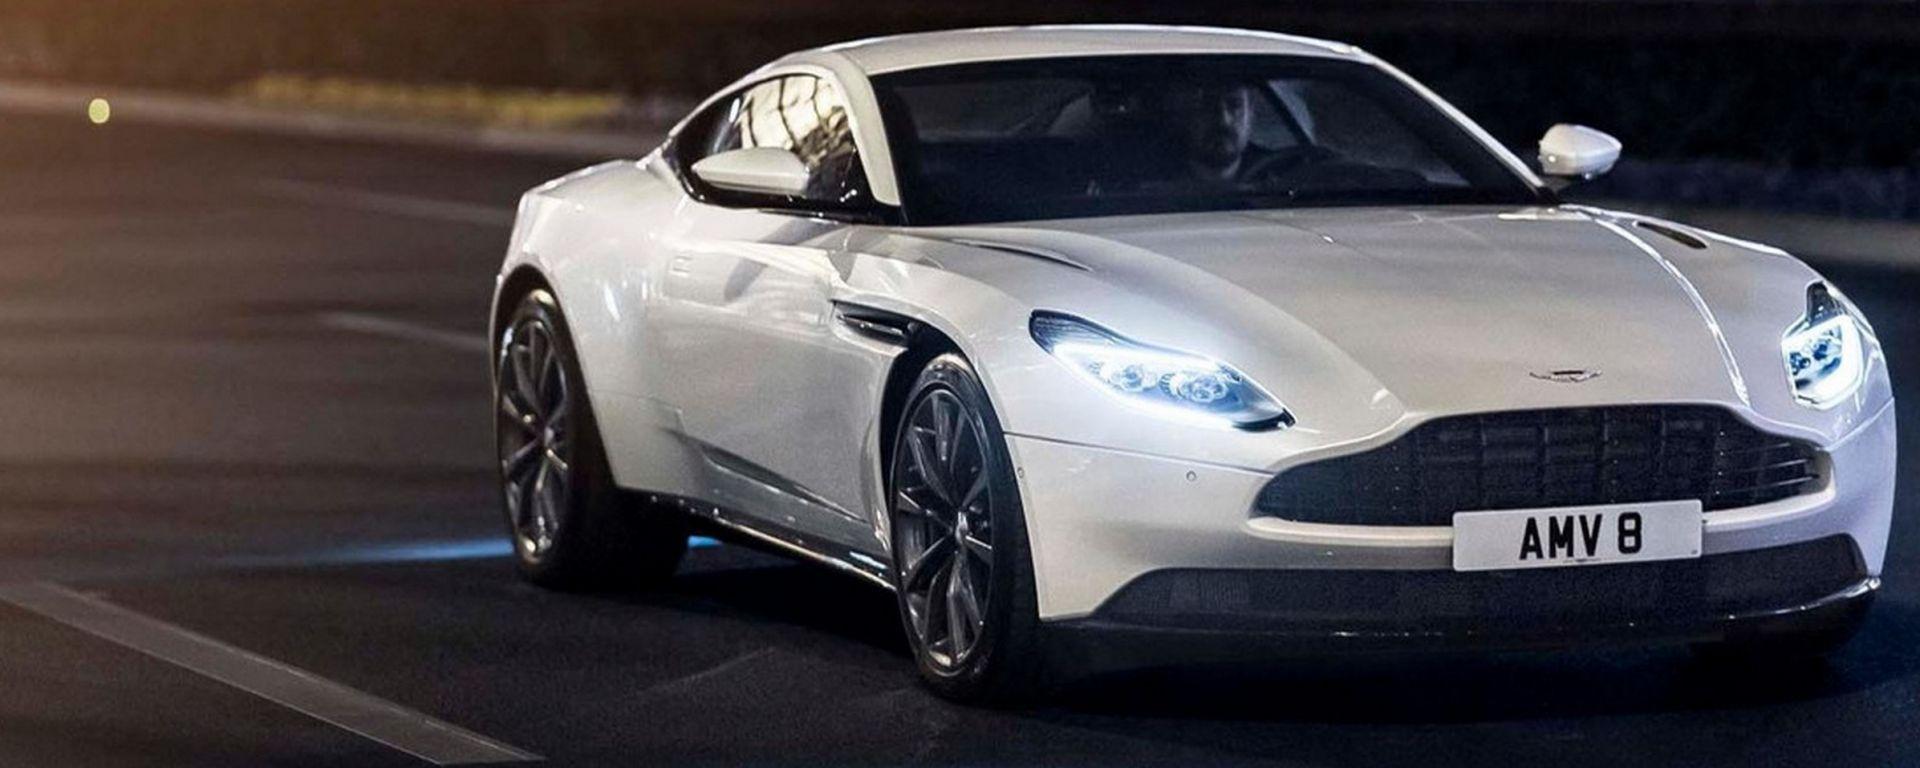 Aston Martin DB11 V8: eccola con il motore Mercedes-AMG